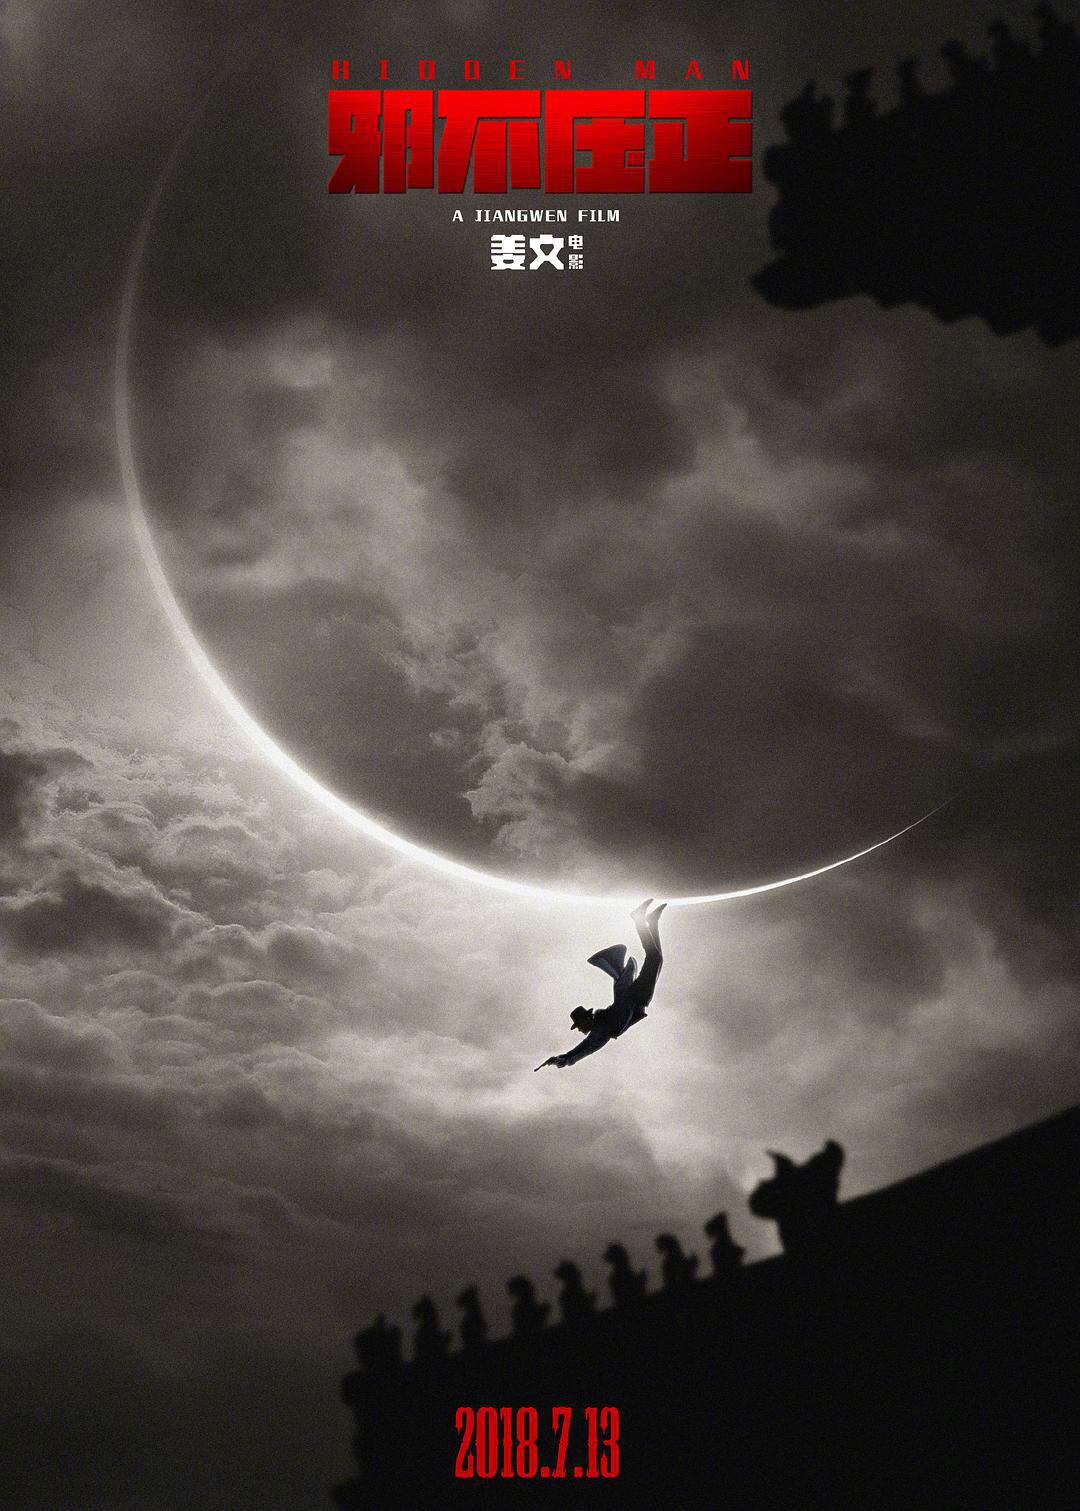 设计师黄海的一些电影海报作品_新浪看点